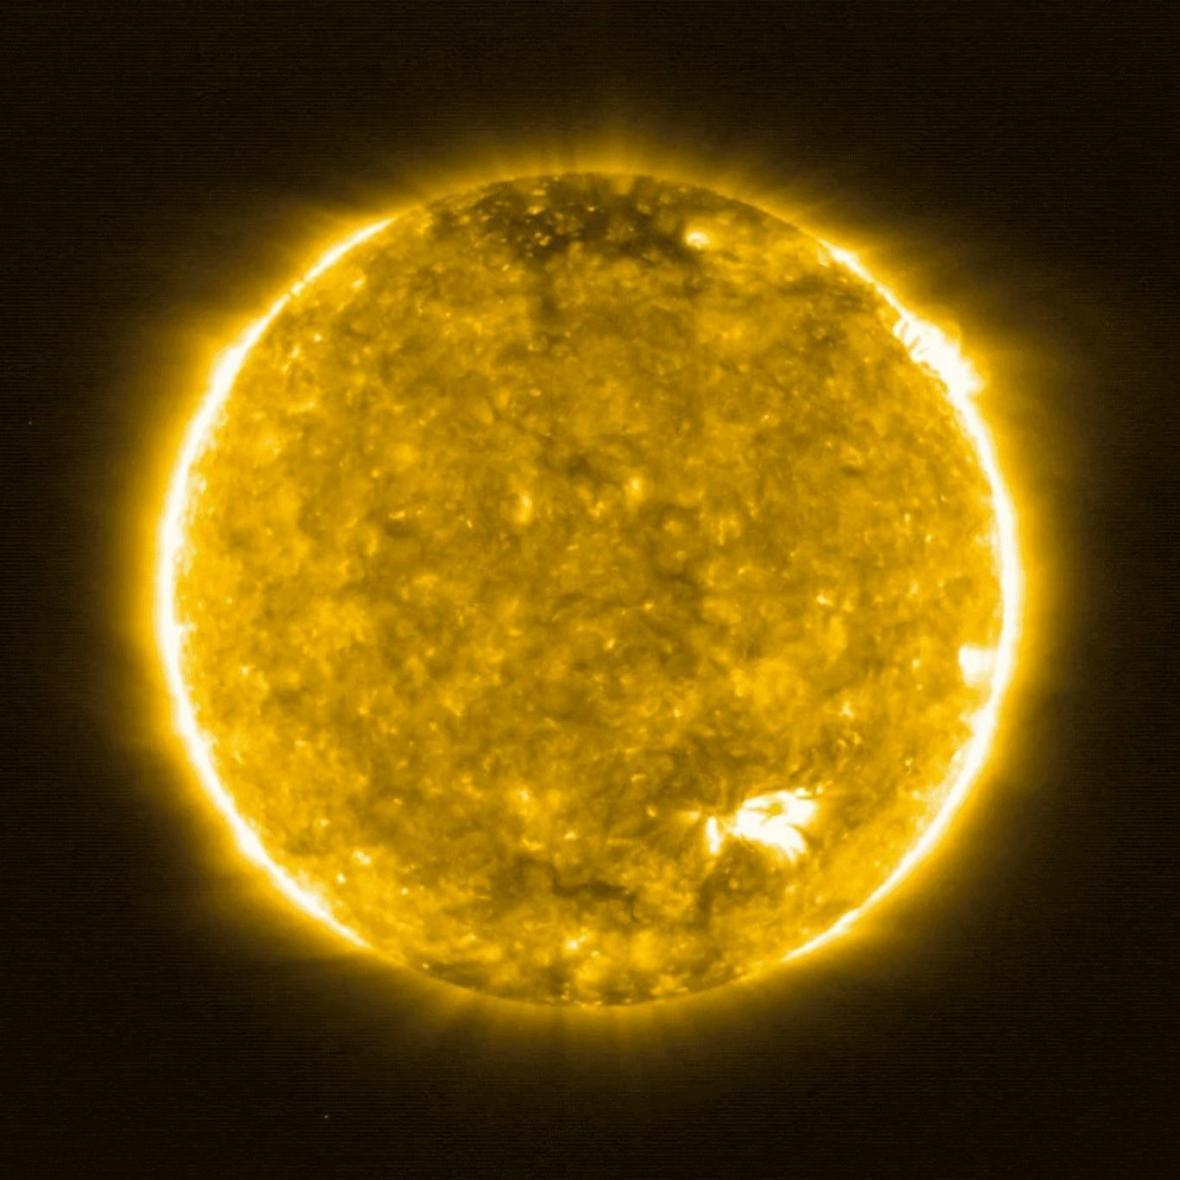 برخی از مناطق خورشید داغ تر از مناطق دیگرند